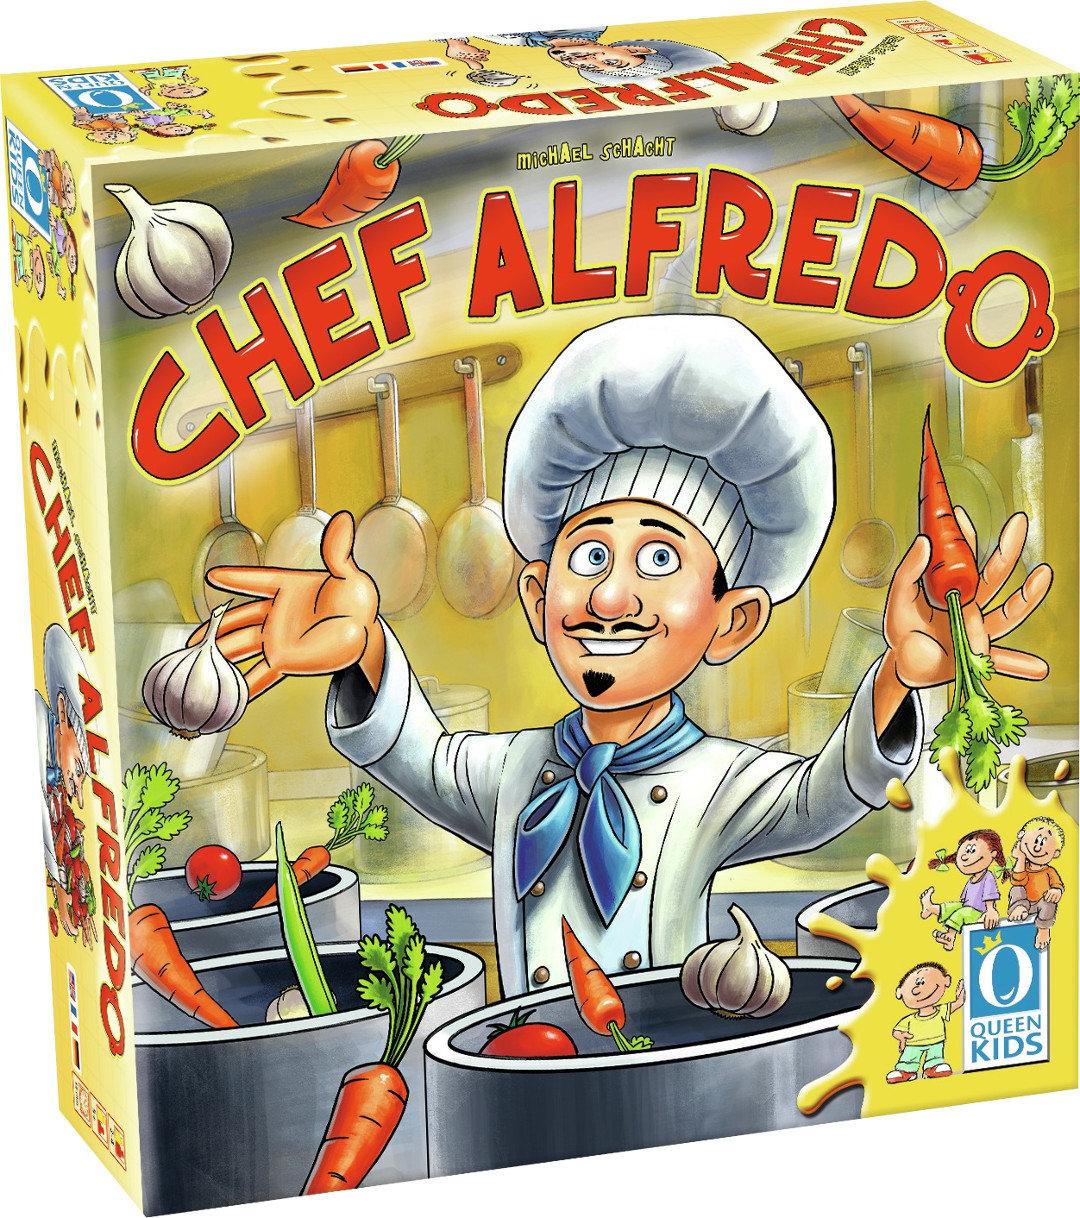 Queen Games 50041 - Brettspiel - Chef Alfredo für aktuell 10,66€ [amazon prime] bzw. 12,45€ ohne prime und Buchtrick möglich